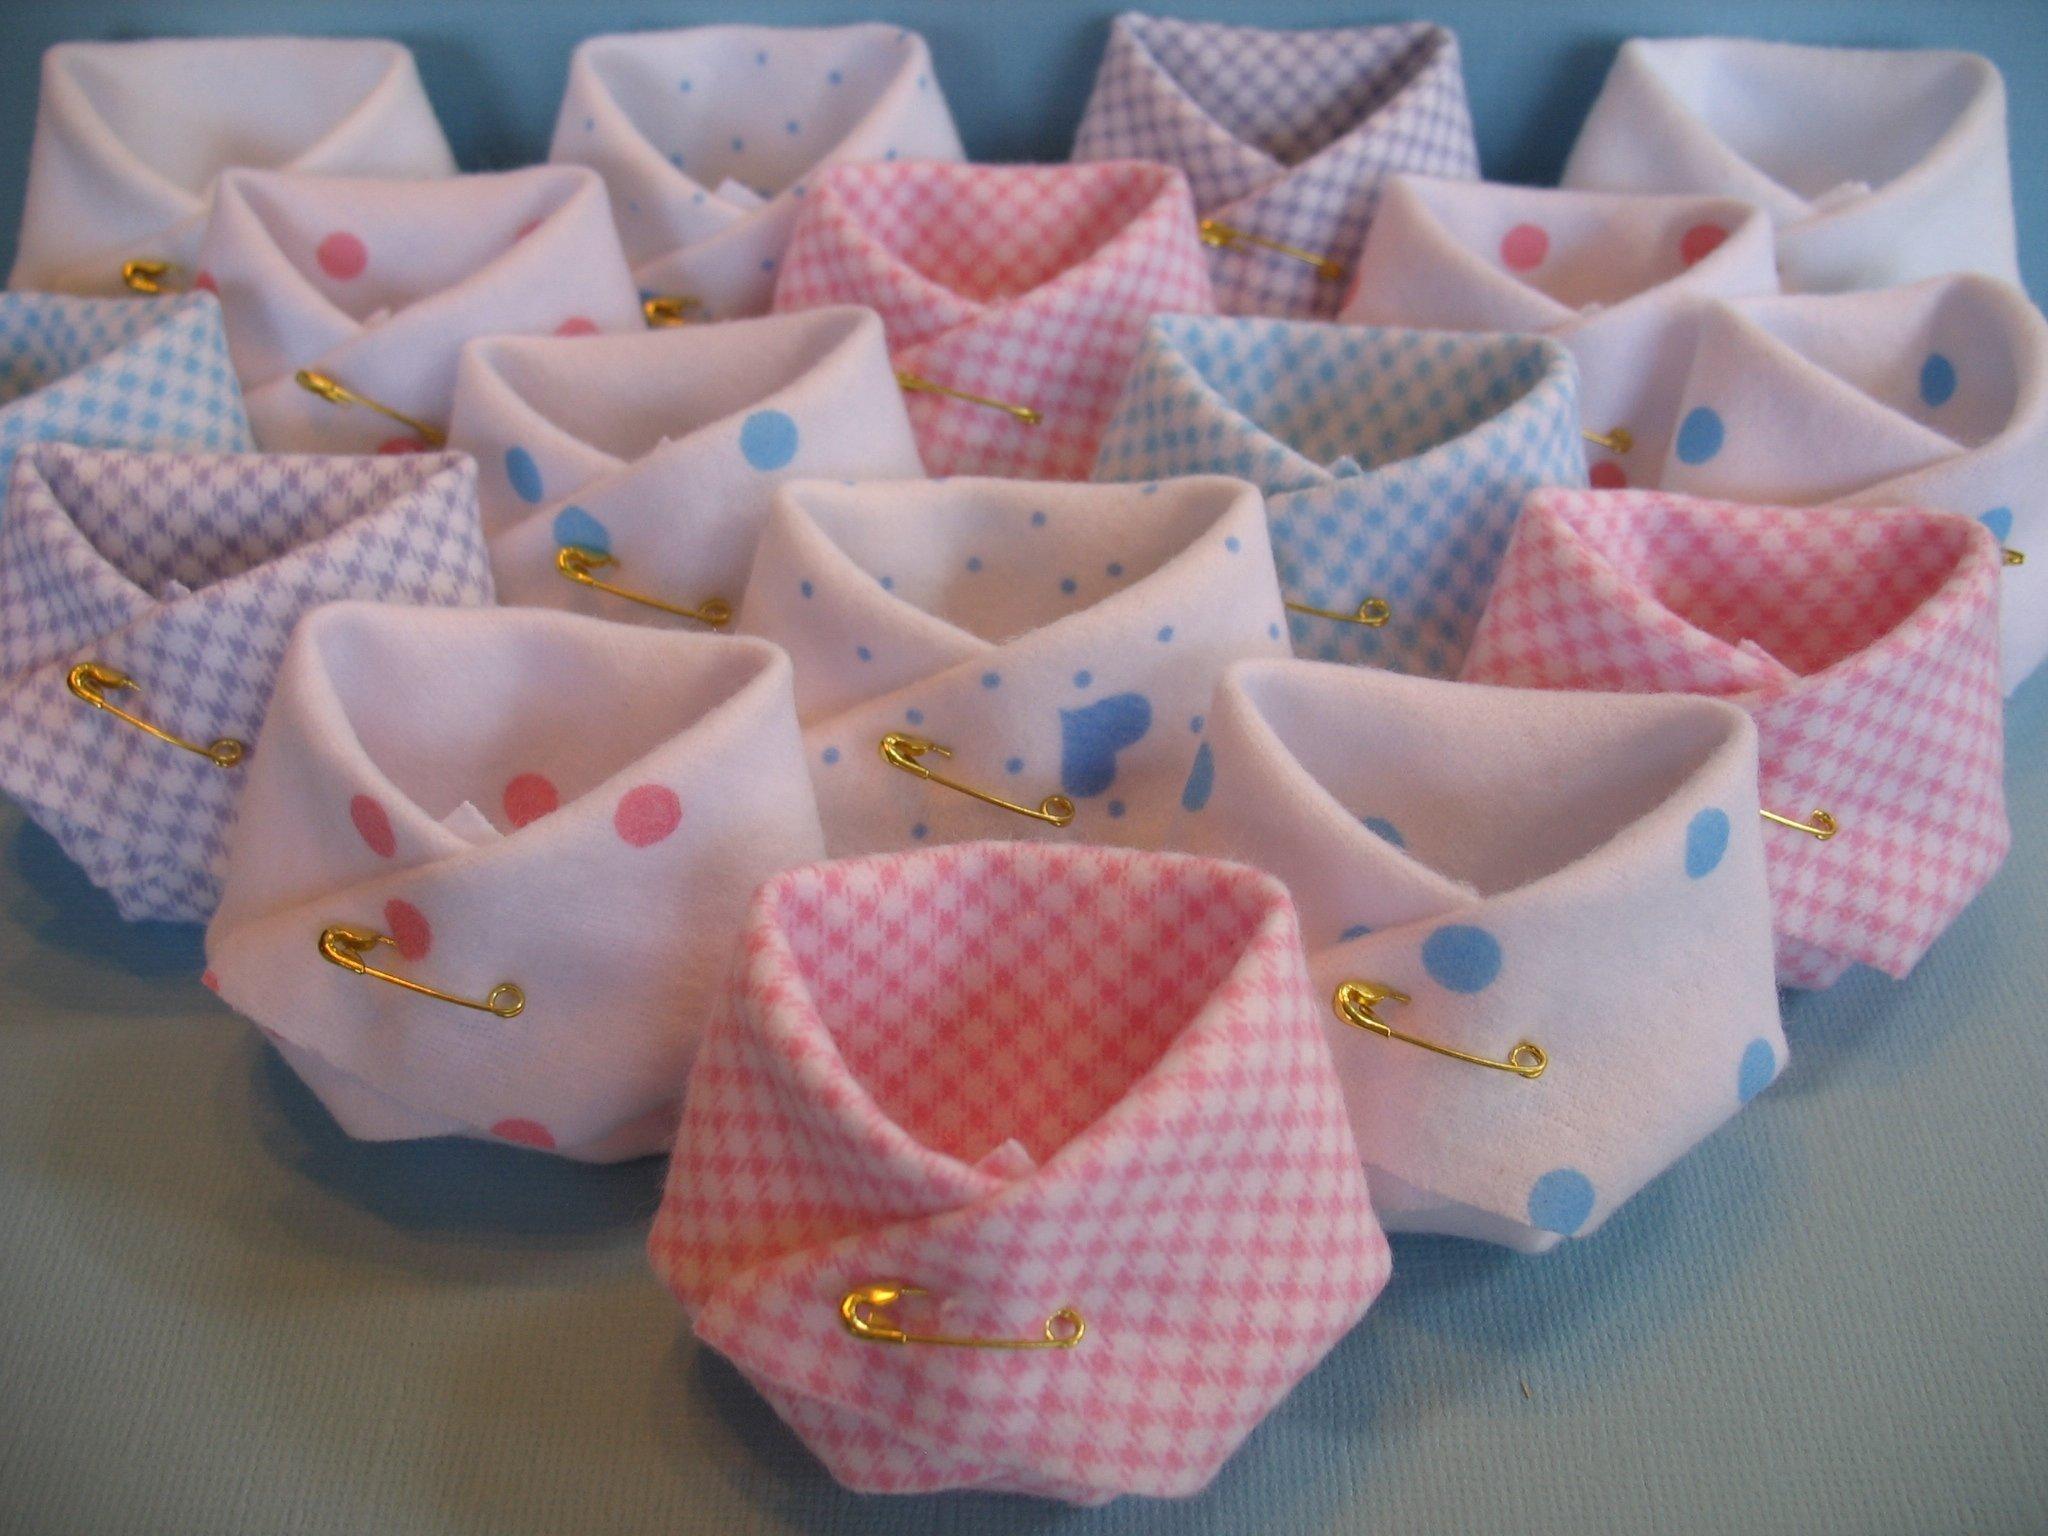 10 Attractive Cute Baby Shower Favor Ideas diy cute baby shower favor ideas homemade baby shower favor ideas 1